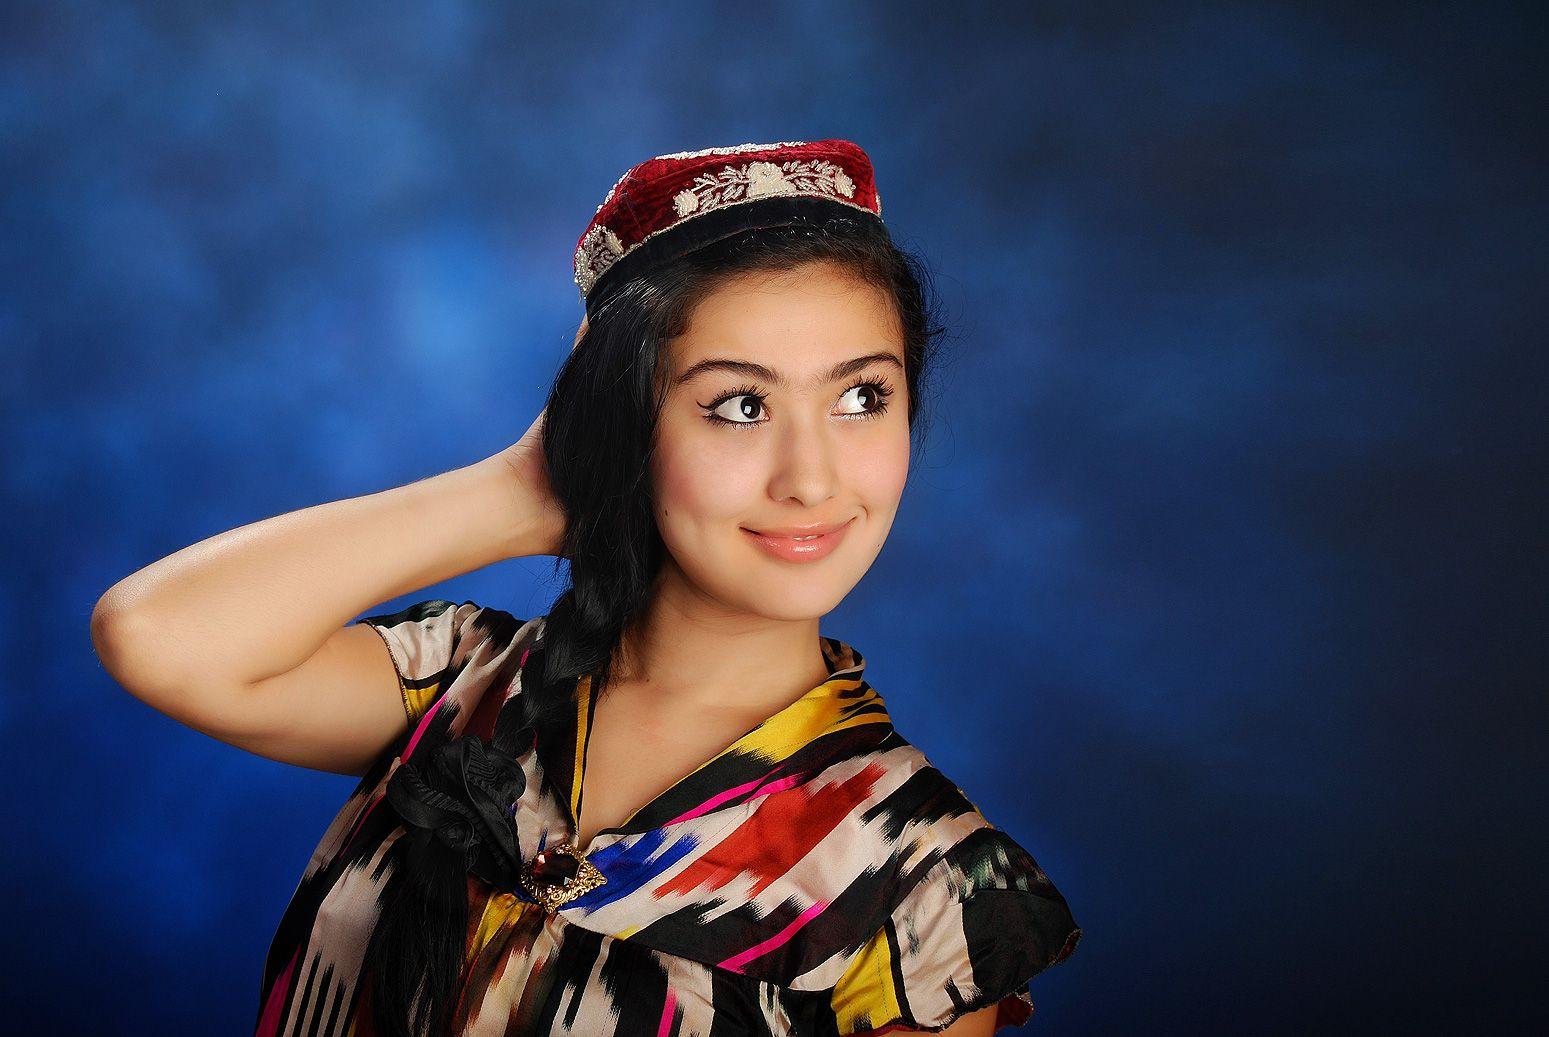 Узбекские девушки онлайн, порнуха жесткая милашки